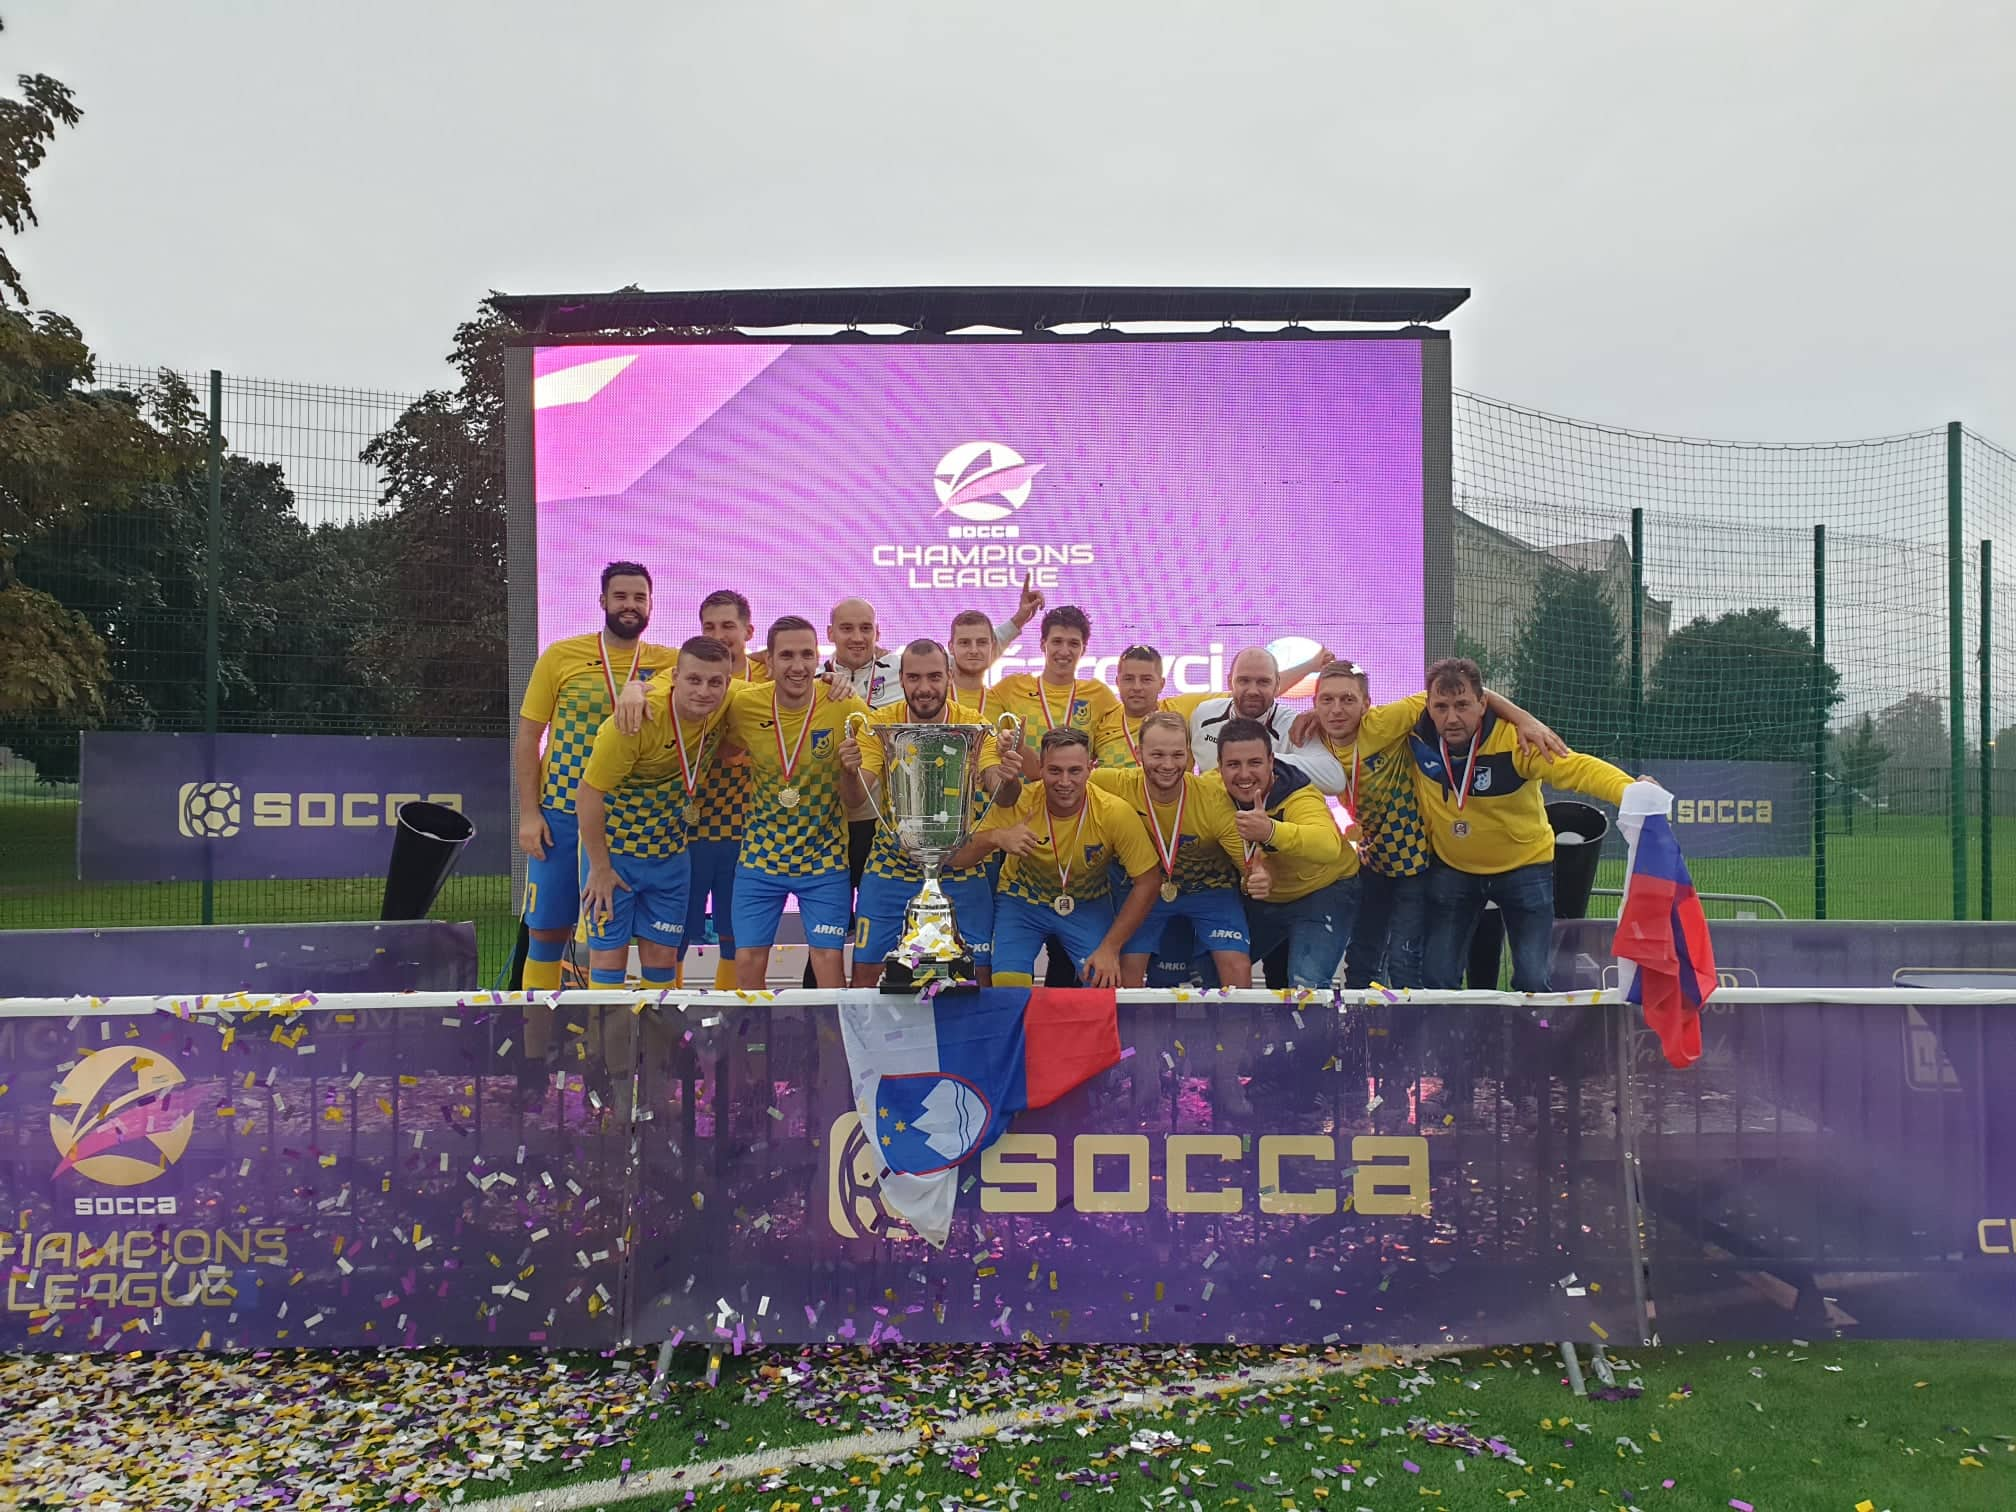 ŠD Arko Ključarovci so osvojili naslov Socca lige prvakov v malem nogometu-2019-SMZ